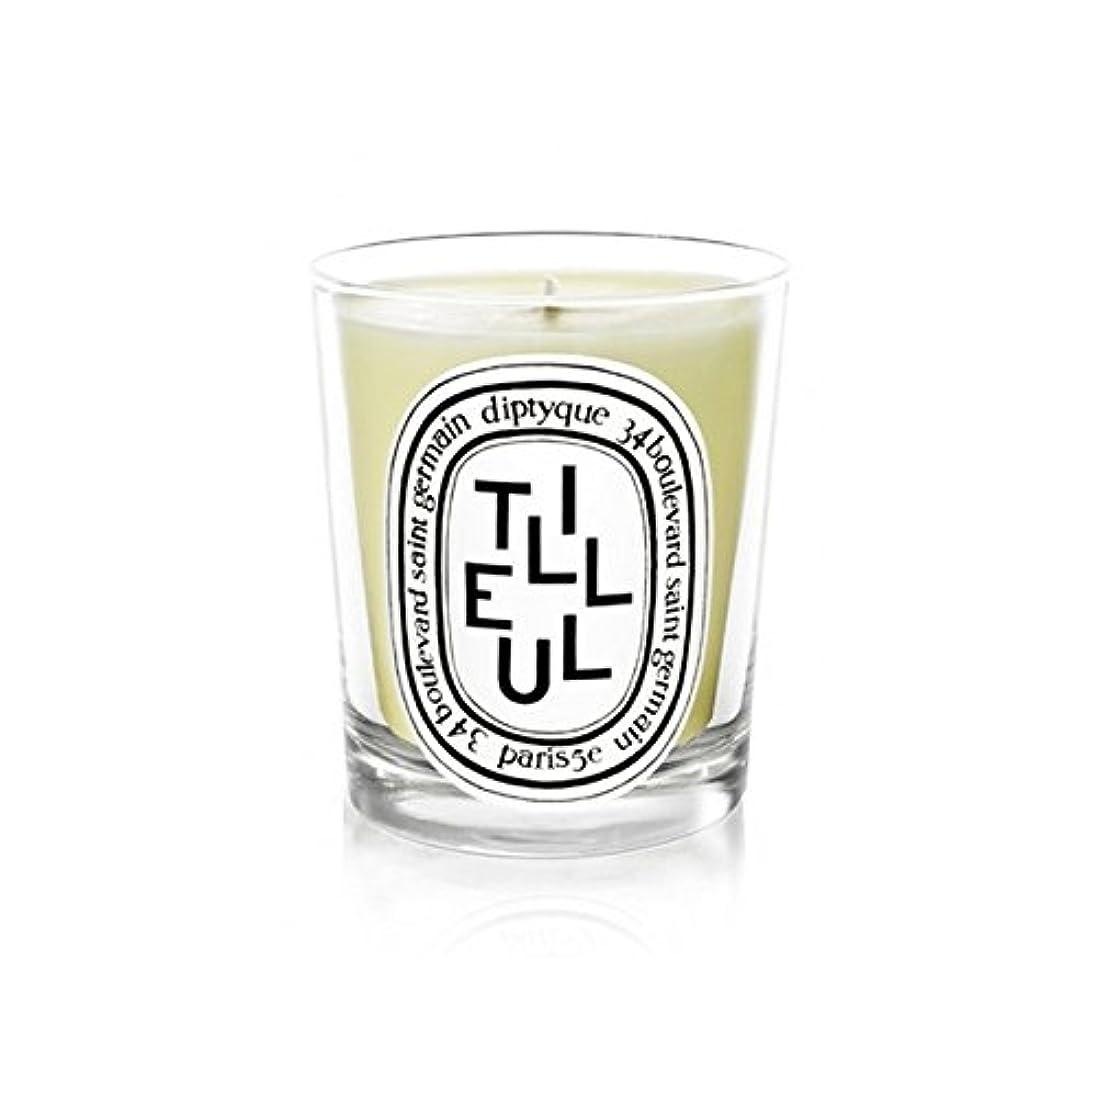 シリンダーゾーン通知Diptyque Candle Tilleul / Linden Tree 190g (Pack of 6) - DiptyqueキャンドルTilleulの/菩提樹の190グラム (x6) [並行輸入品]